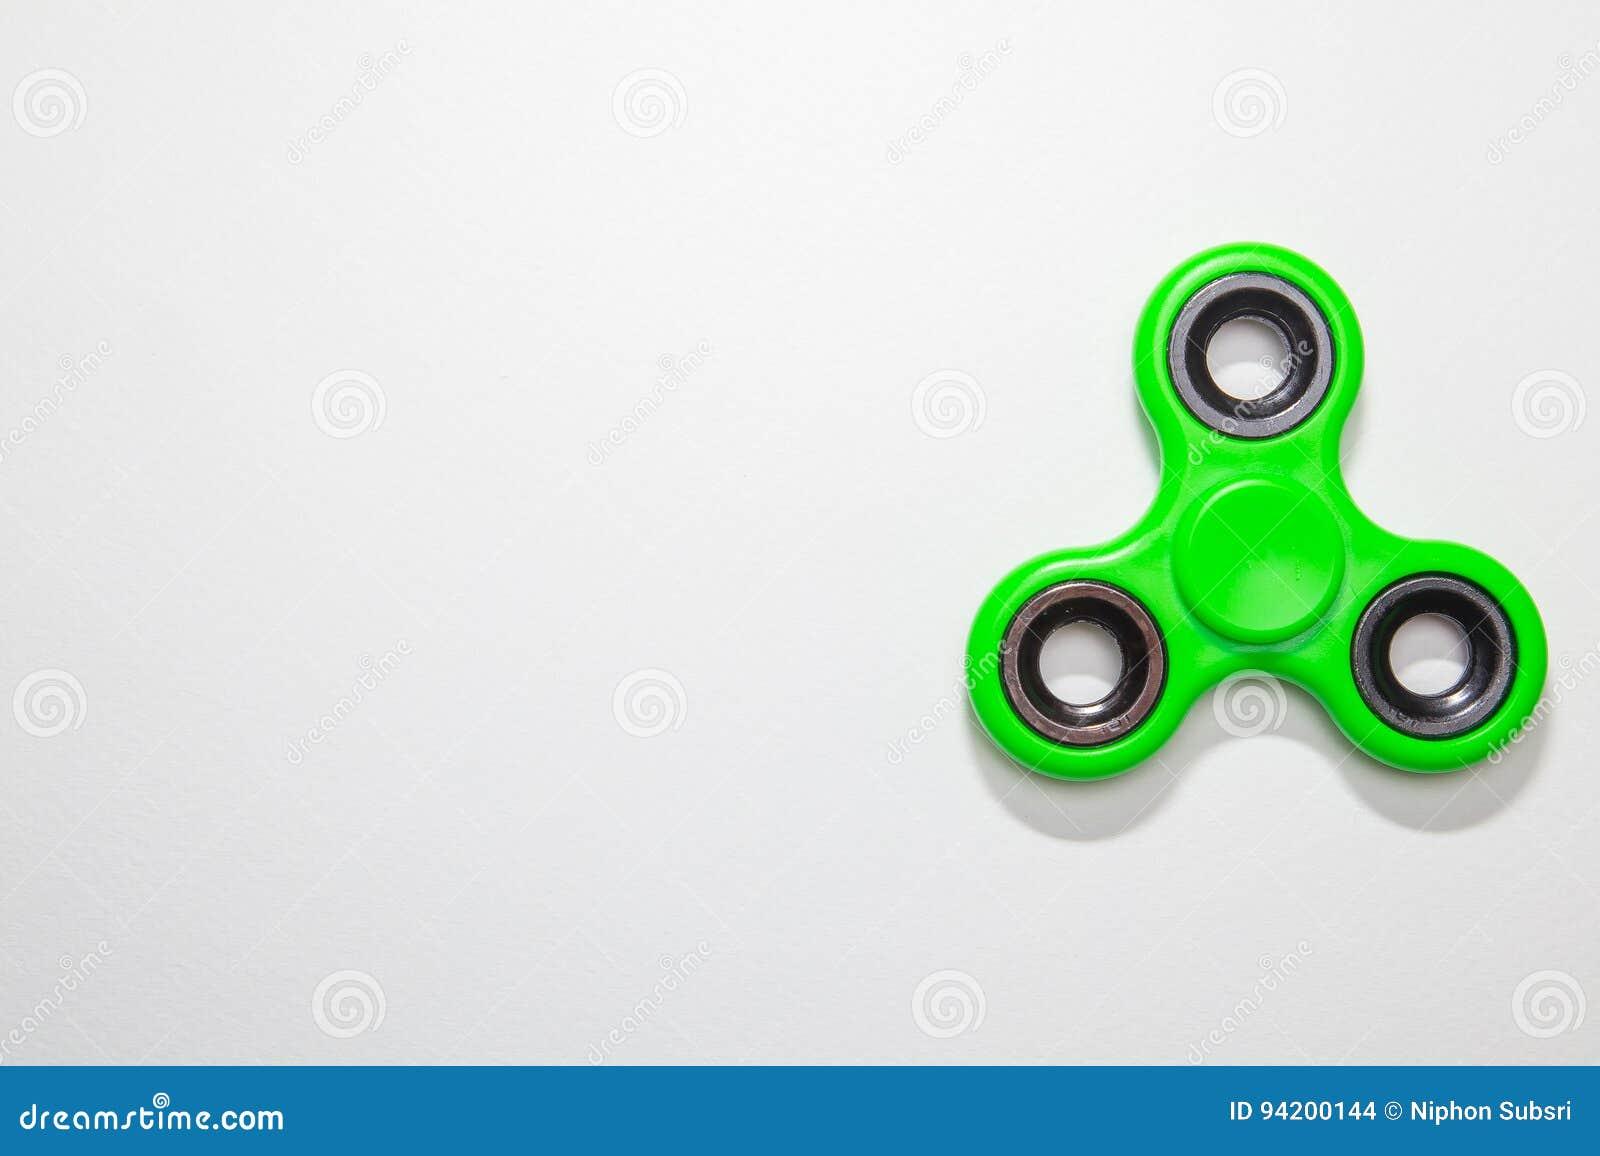 绿色坐立不安手指锭床工人玩具图象